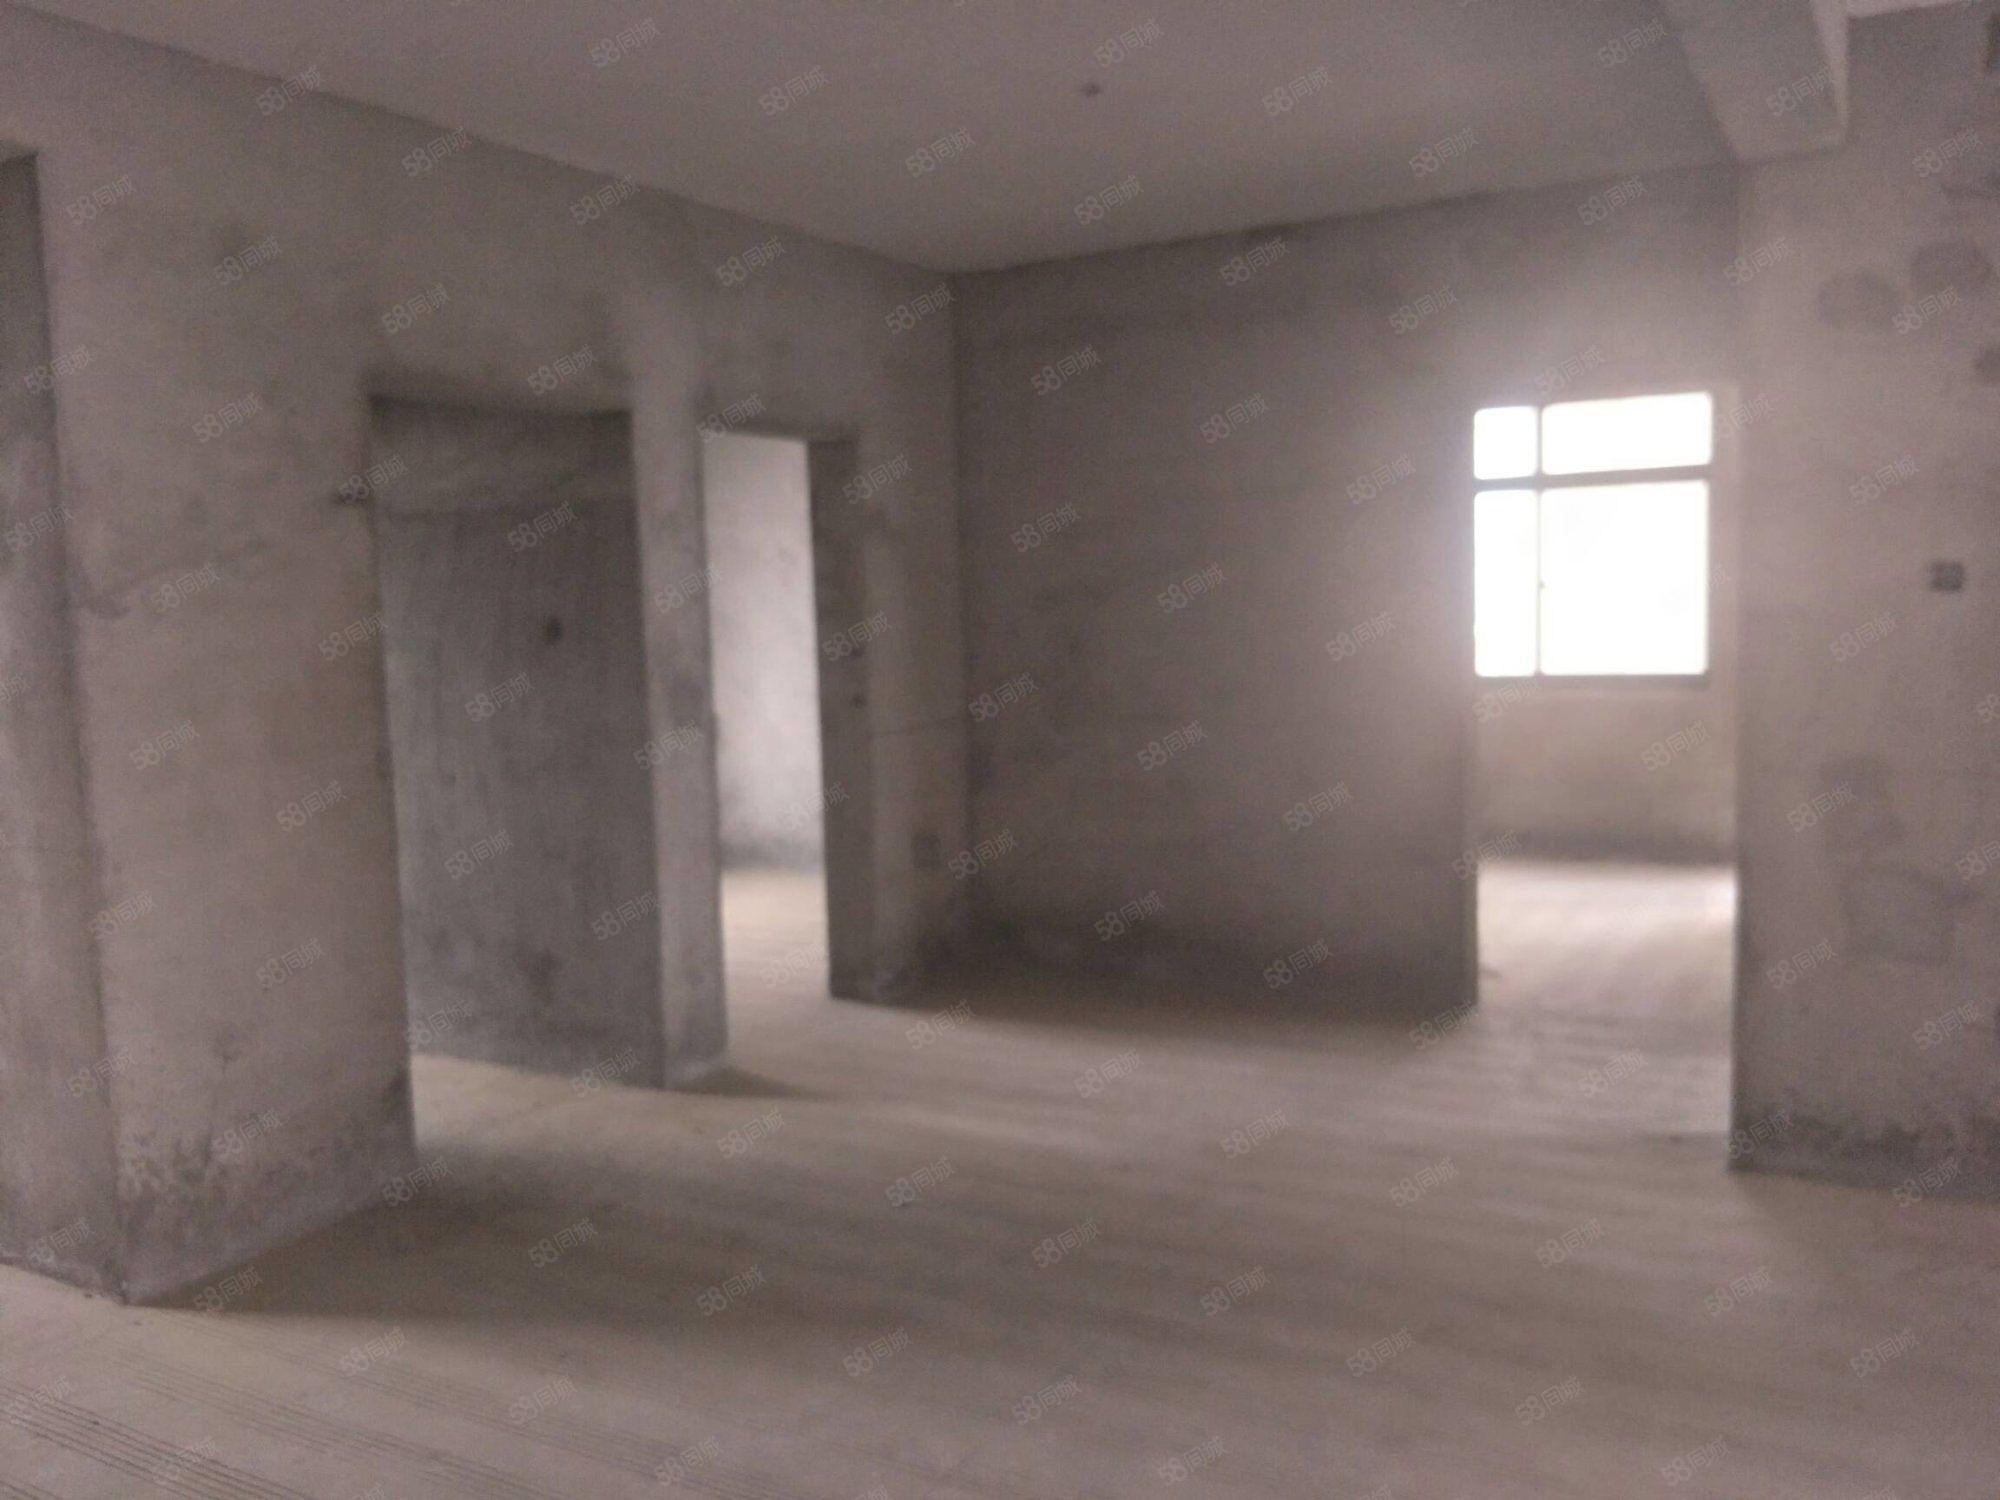 藍鼎中央城(二期)三室兩廳123平米毛坯房113.5萬